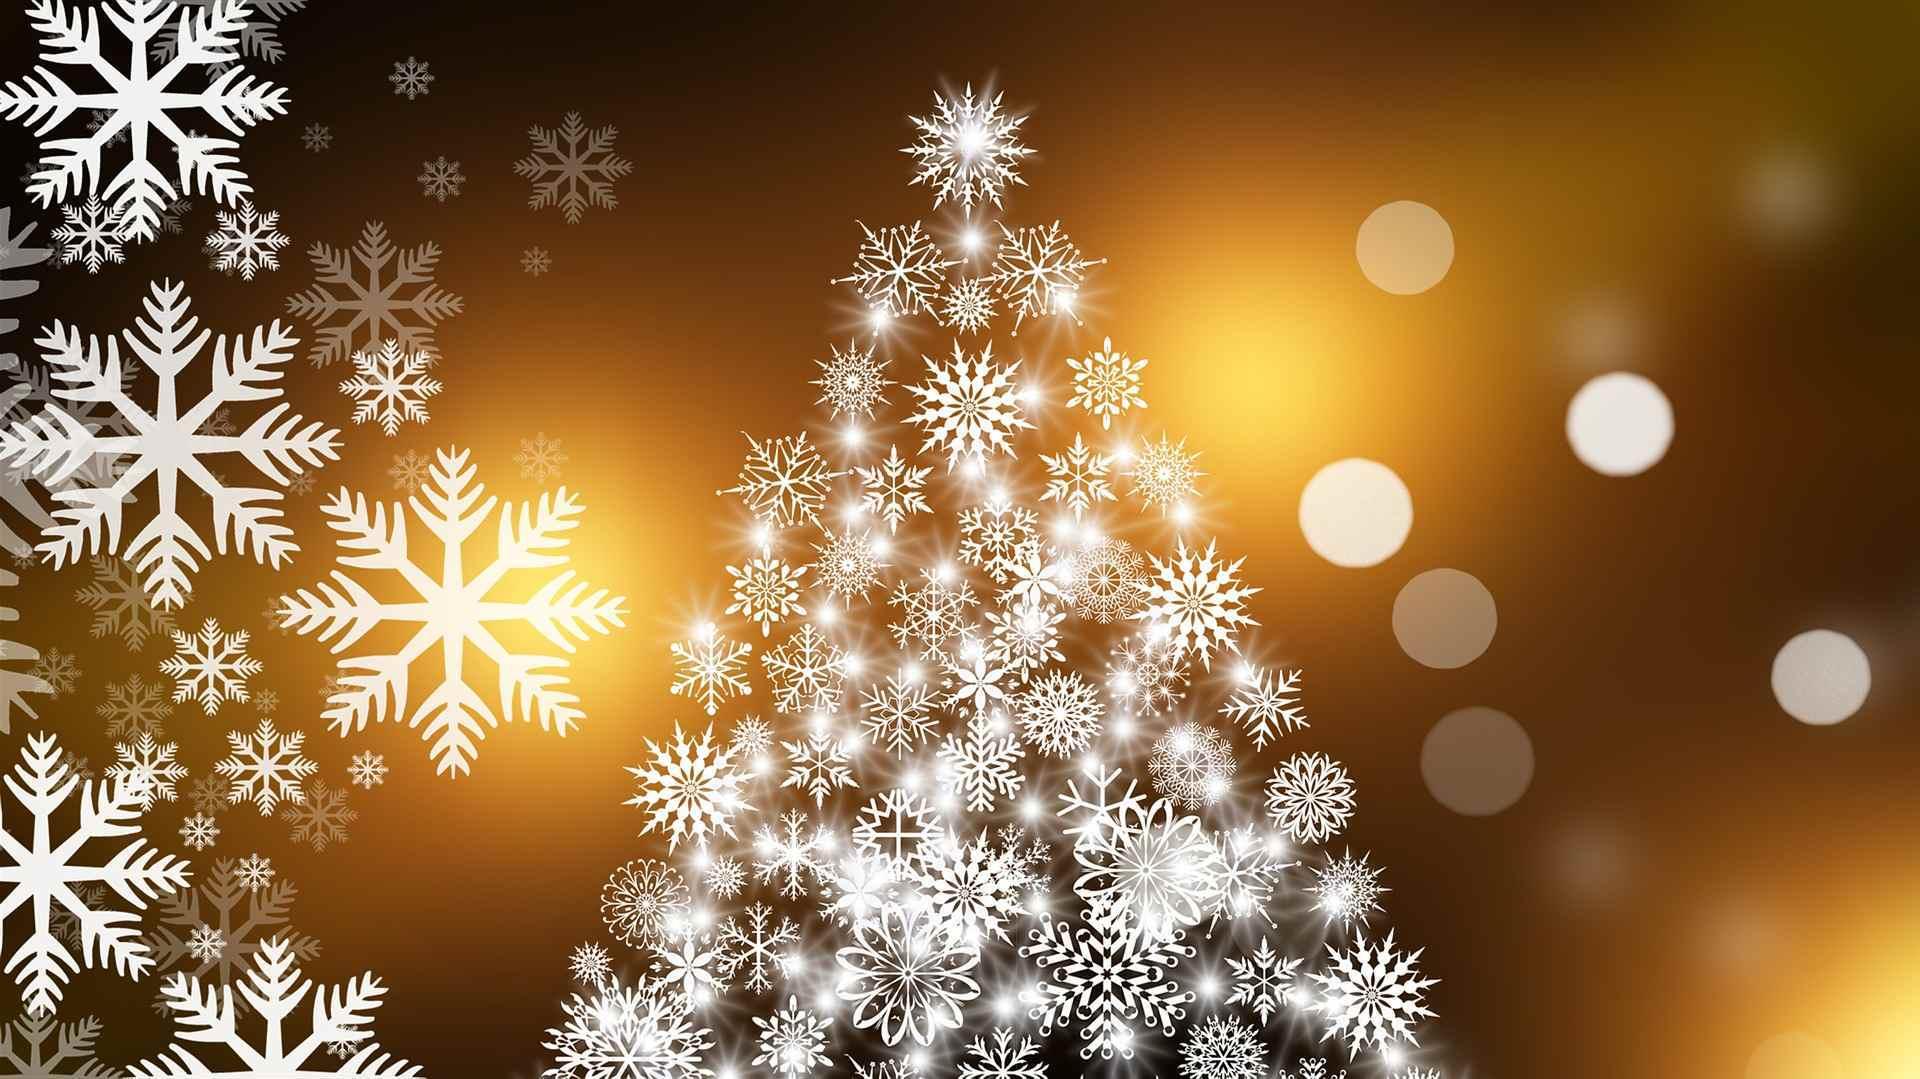 Bilder Weihnachten Neues Jahr.Frohe Weihnachten Und Ein Gutes Neues Jahr Geocompass